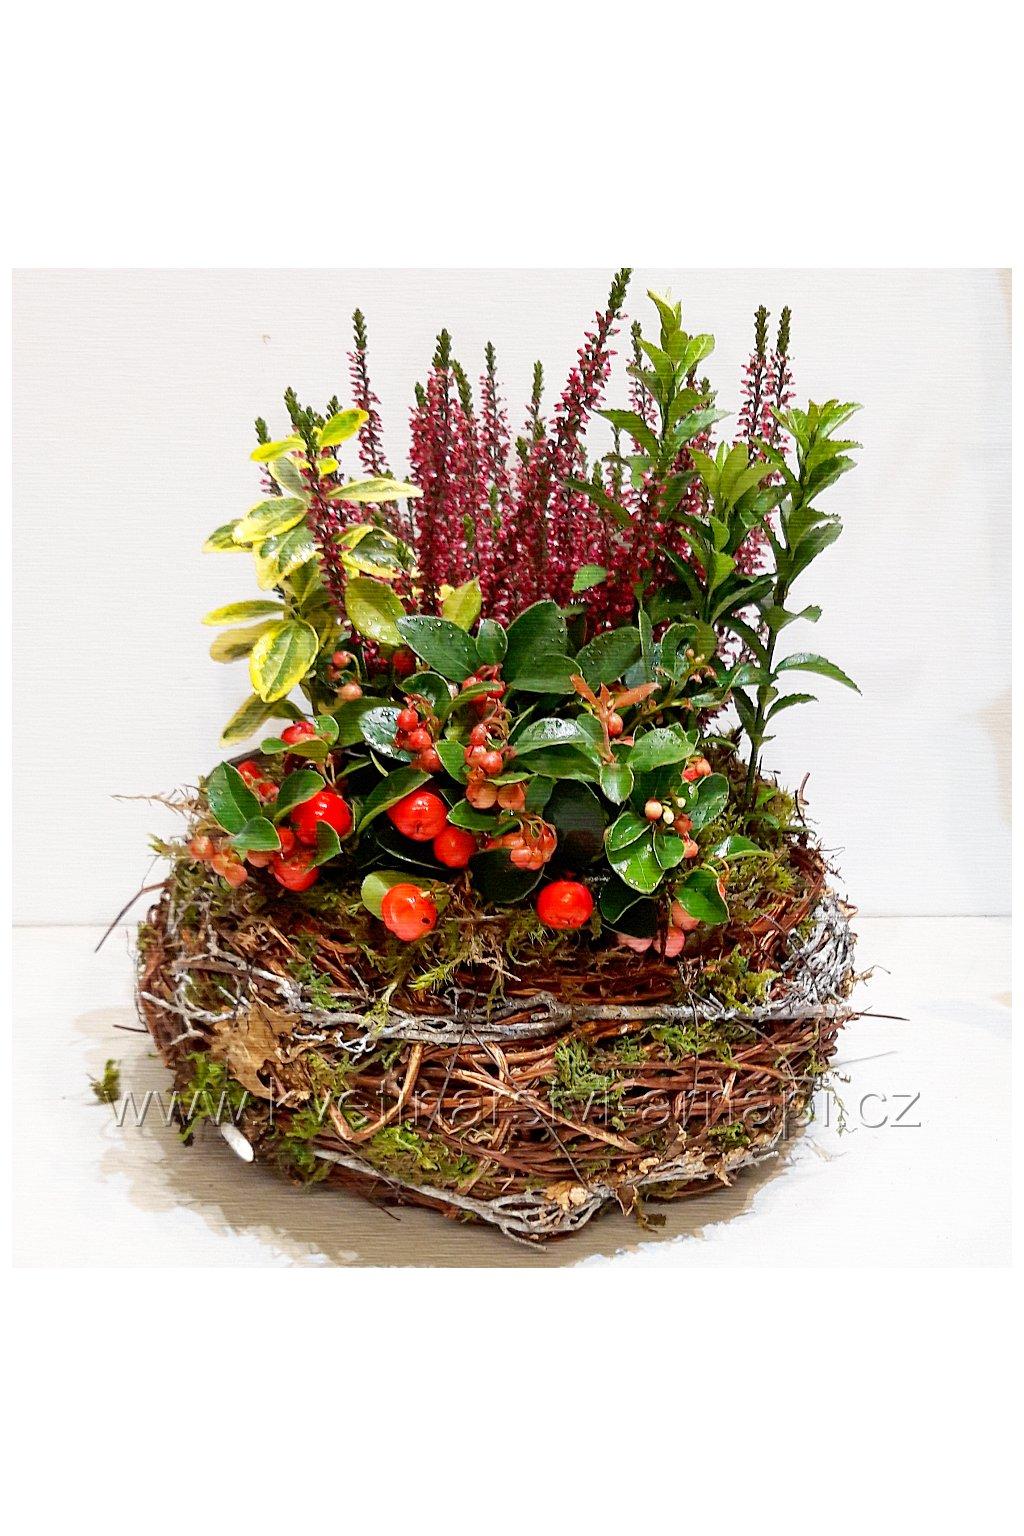 dnesni nabidka podzimni kvetiny rozvoz po praze kvetinarstvi arnapi